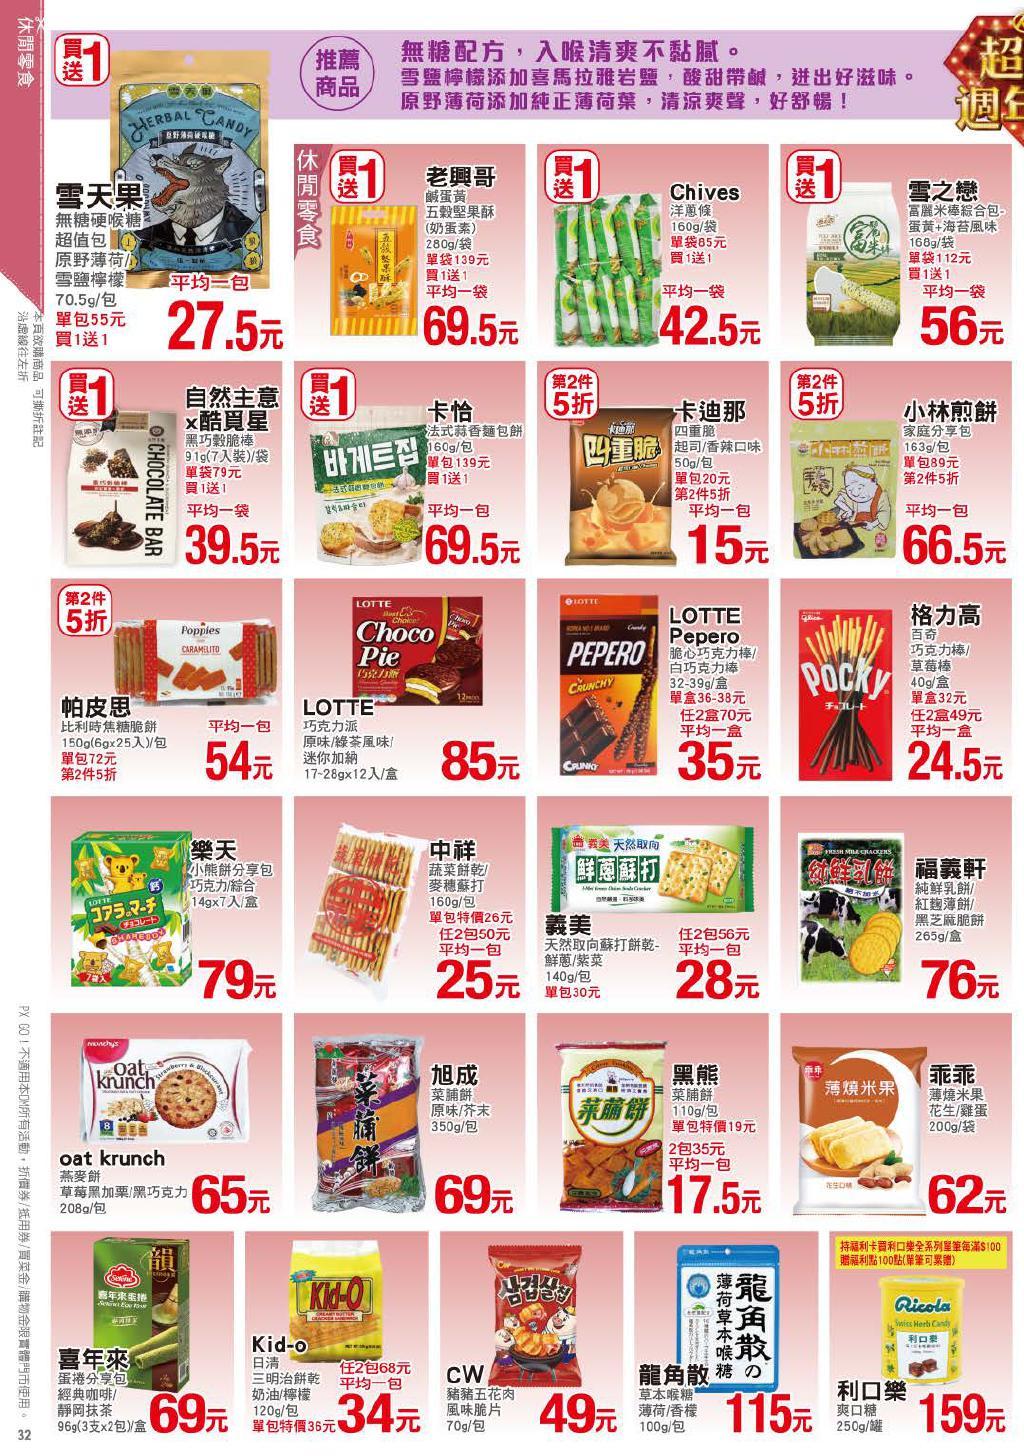 pxmart20201119_000032.jpg